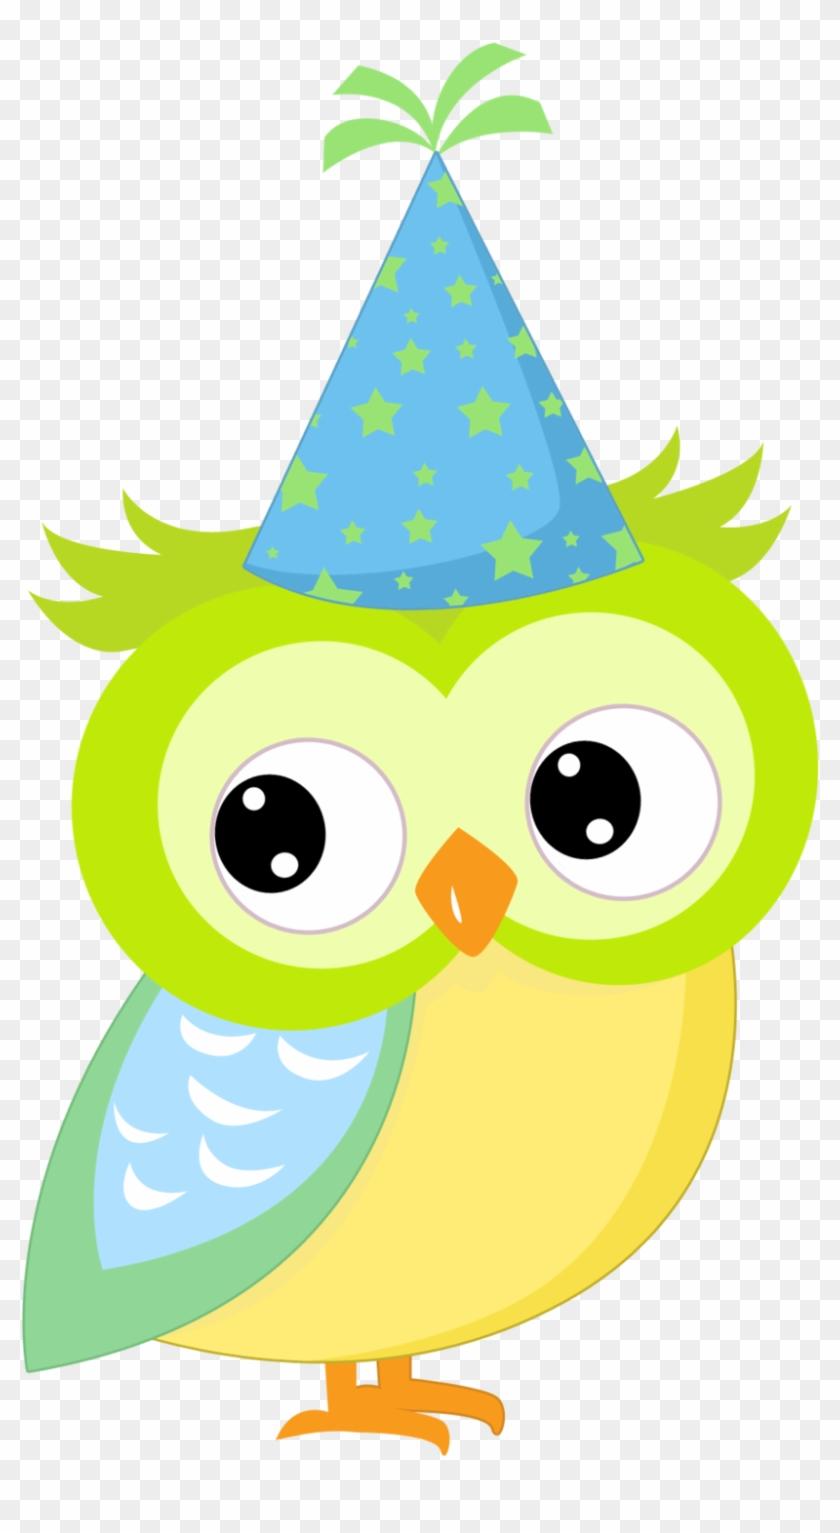 Exibir Todas As Imagens Na Pasta Nueva Carpeta - Birthday Clip Art Owl #197292